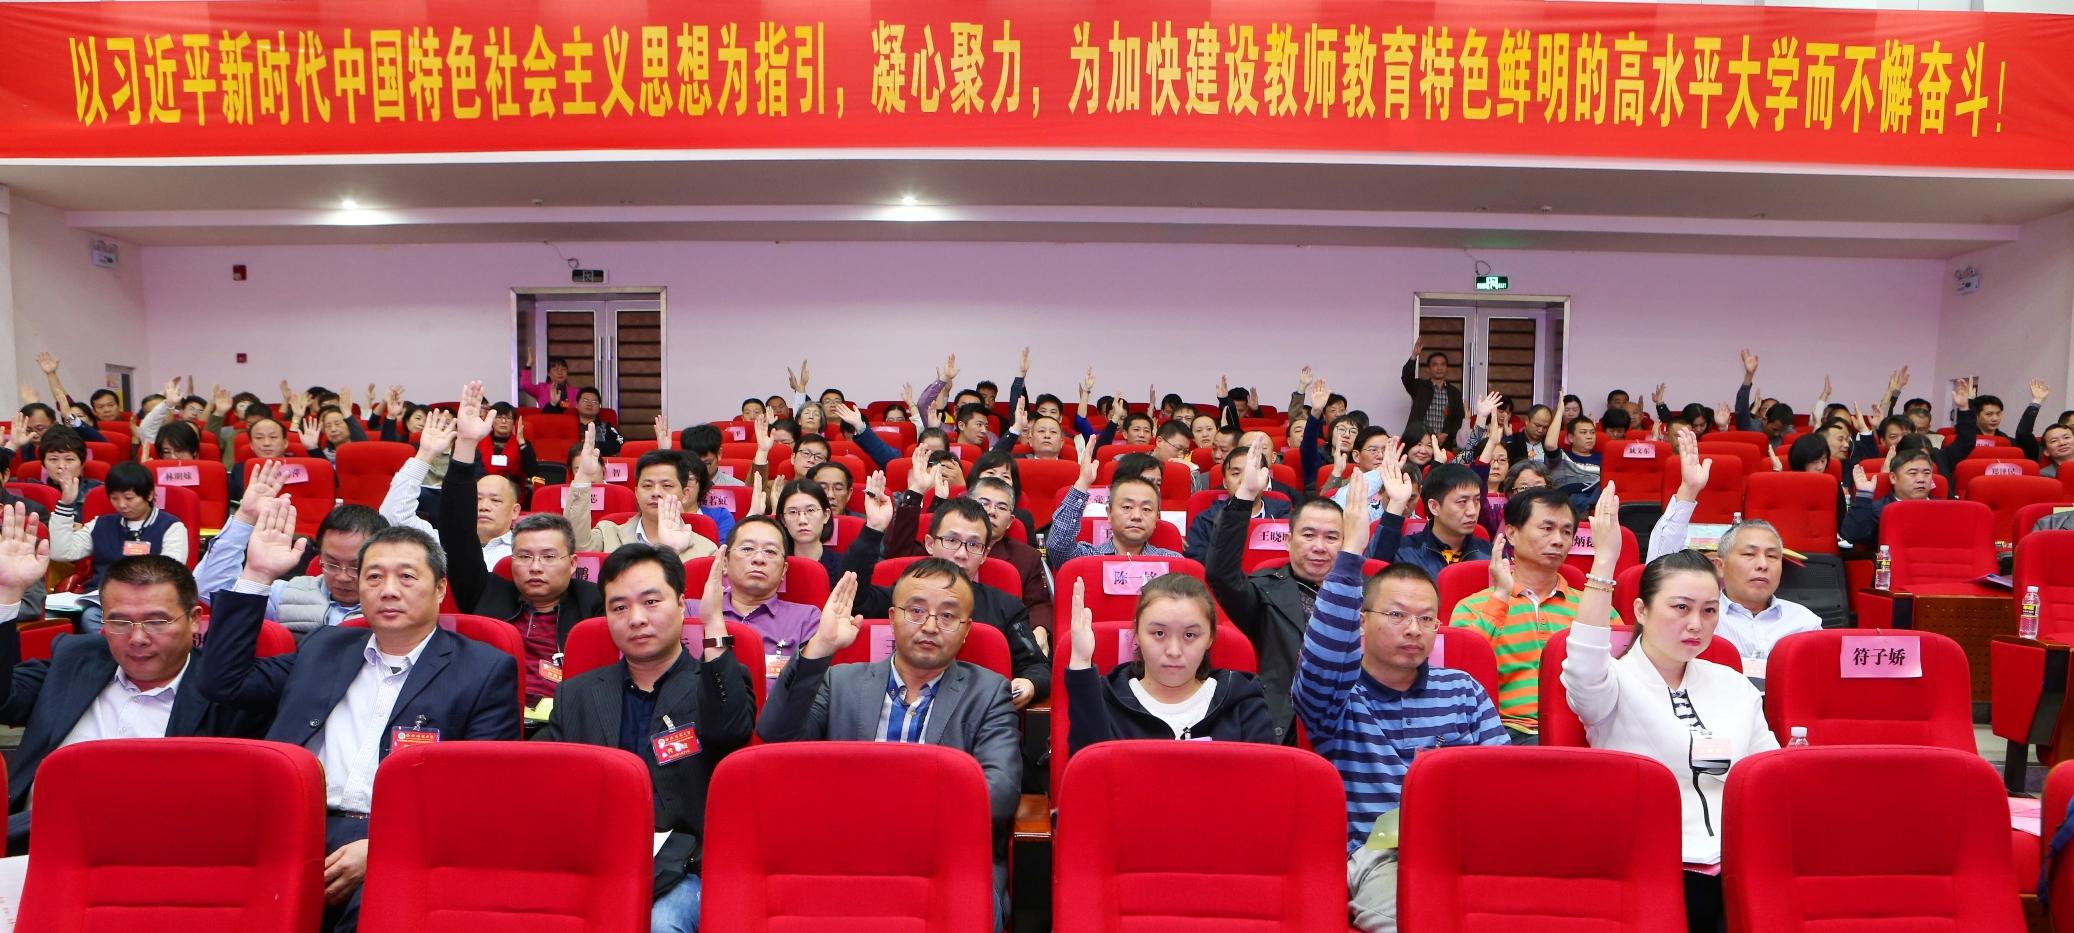 我校召开第四次教职工代表大会暨工会会员代表大会